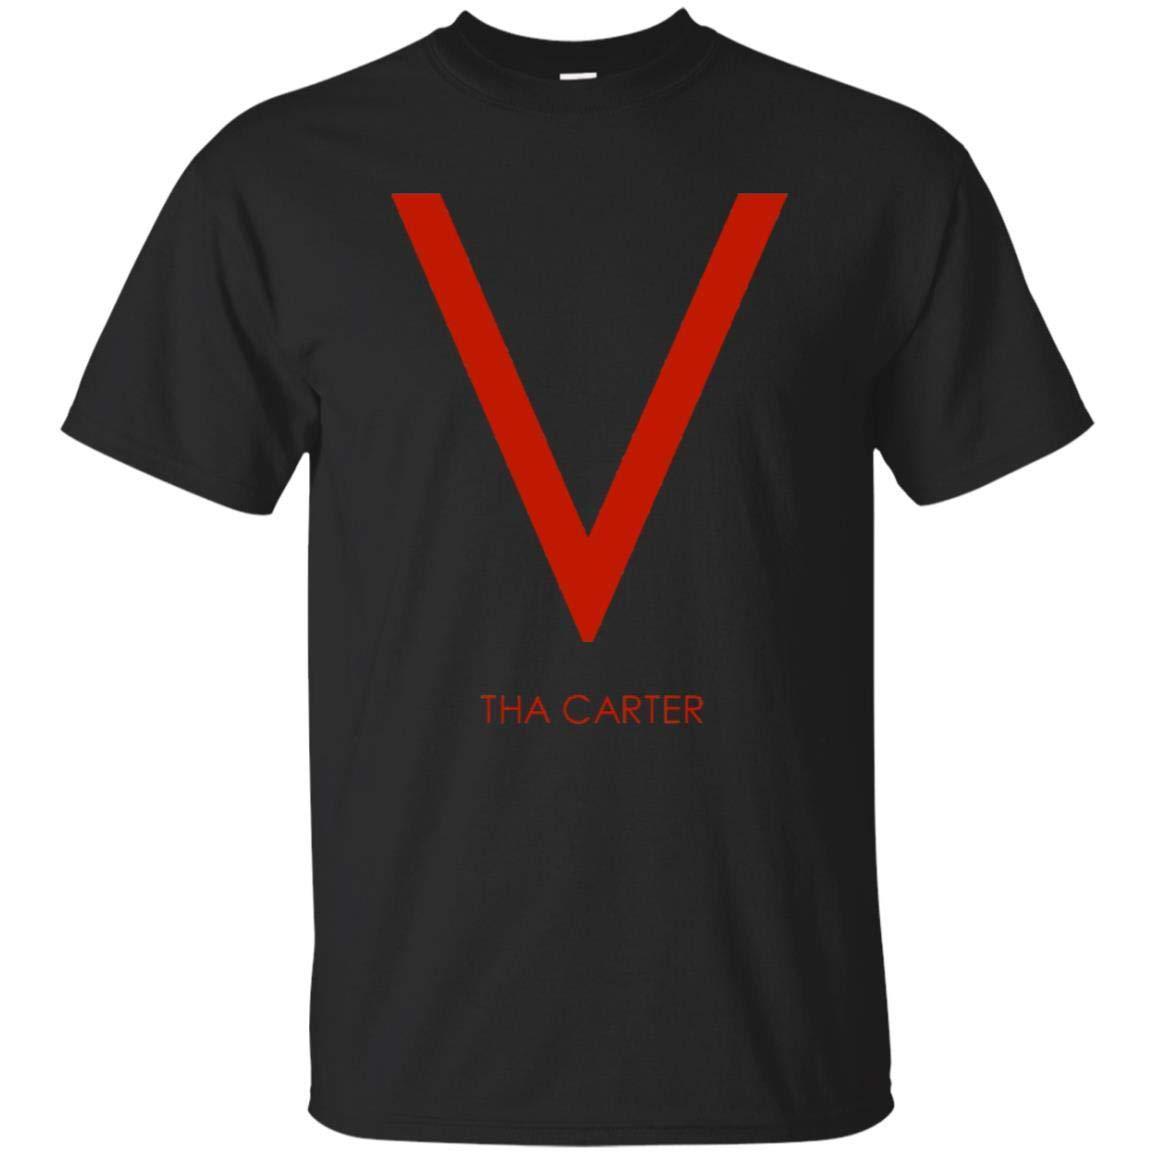 Tha Carter V 02 Tshirt 8320